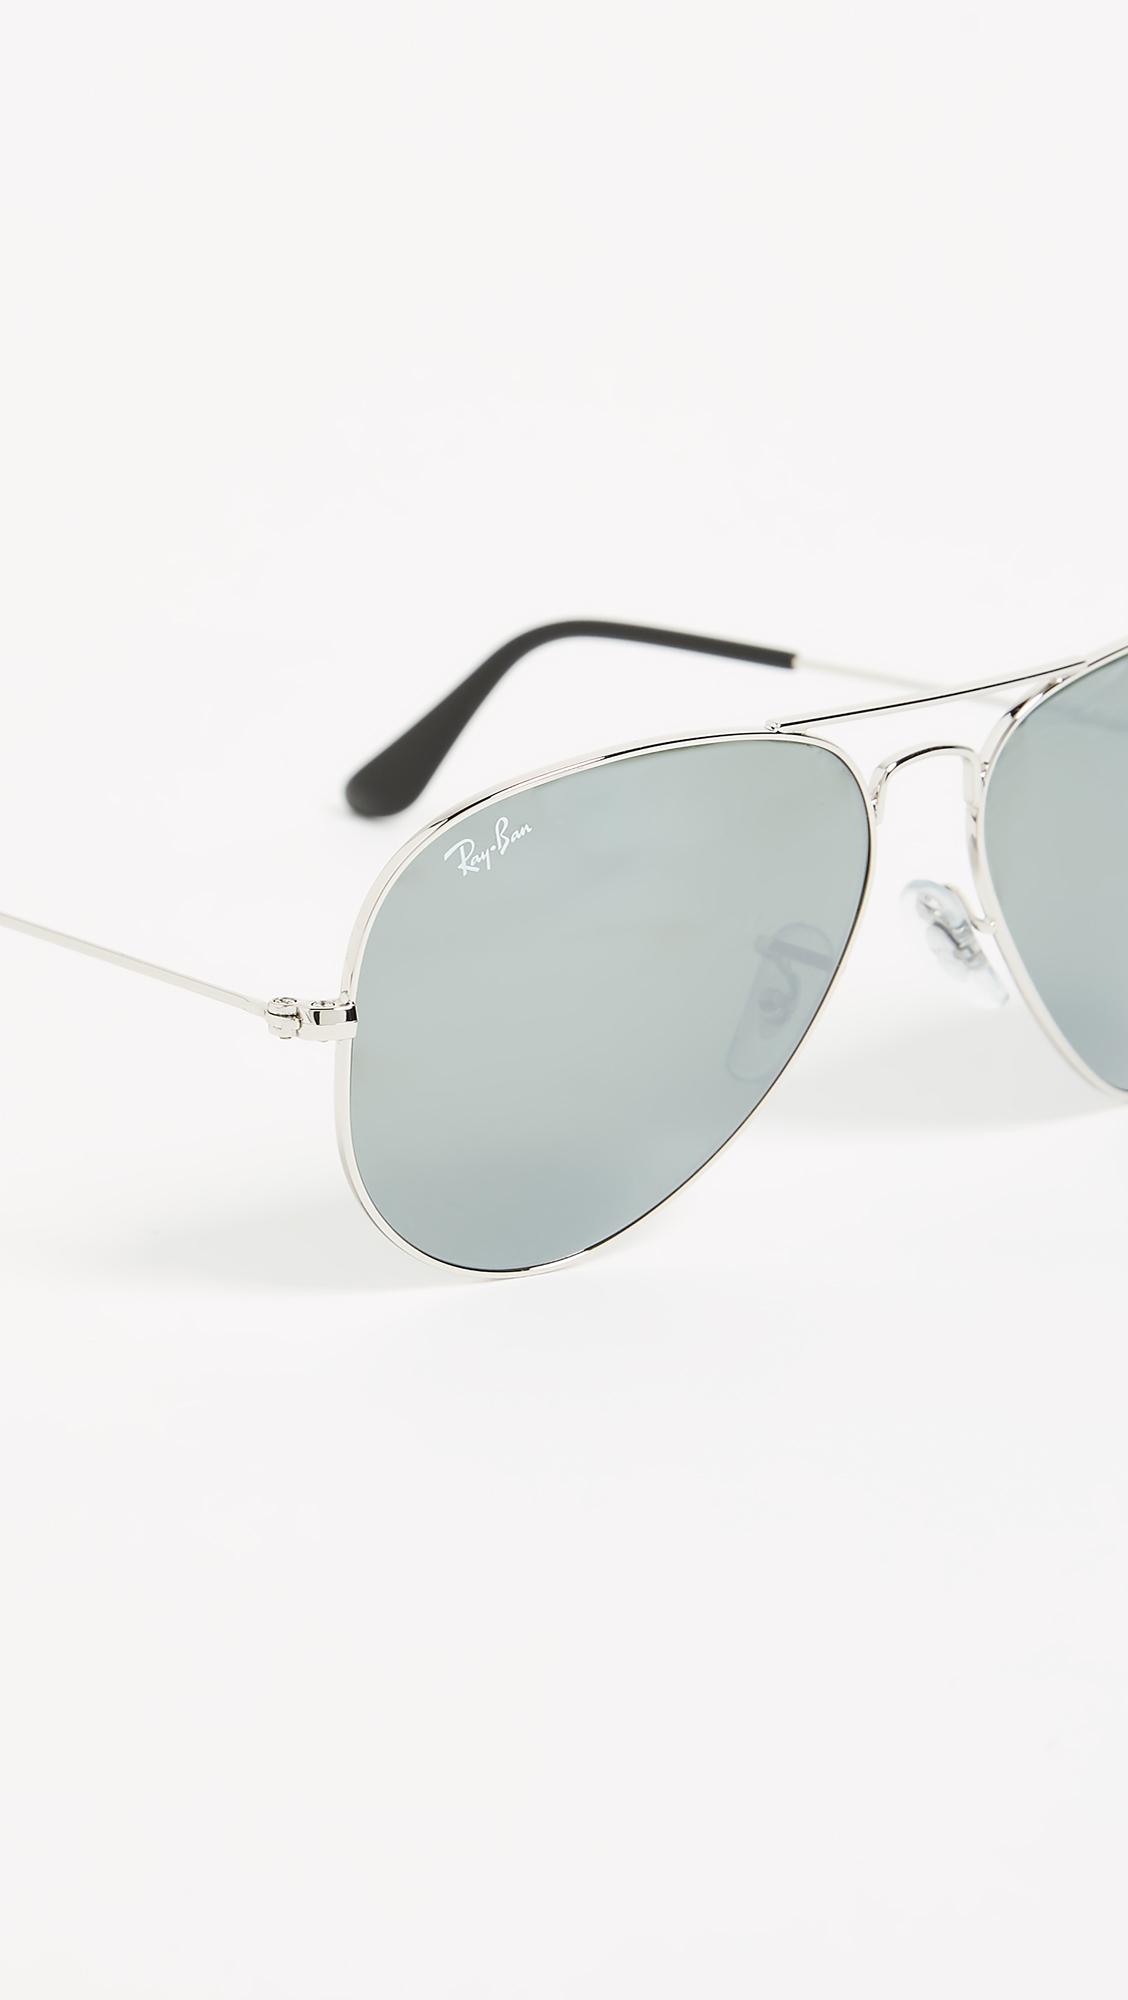 Классические зеркальные солнцезащитные очки-авиаторы Ray-Ban  (RAYBN4005912208314)